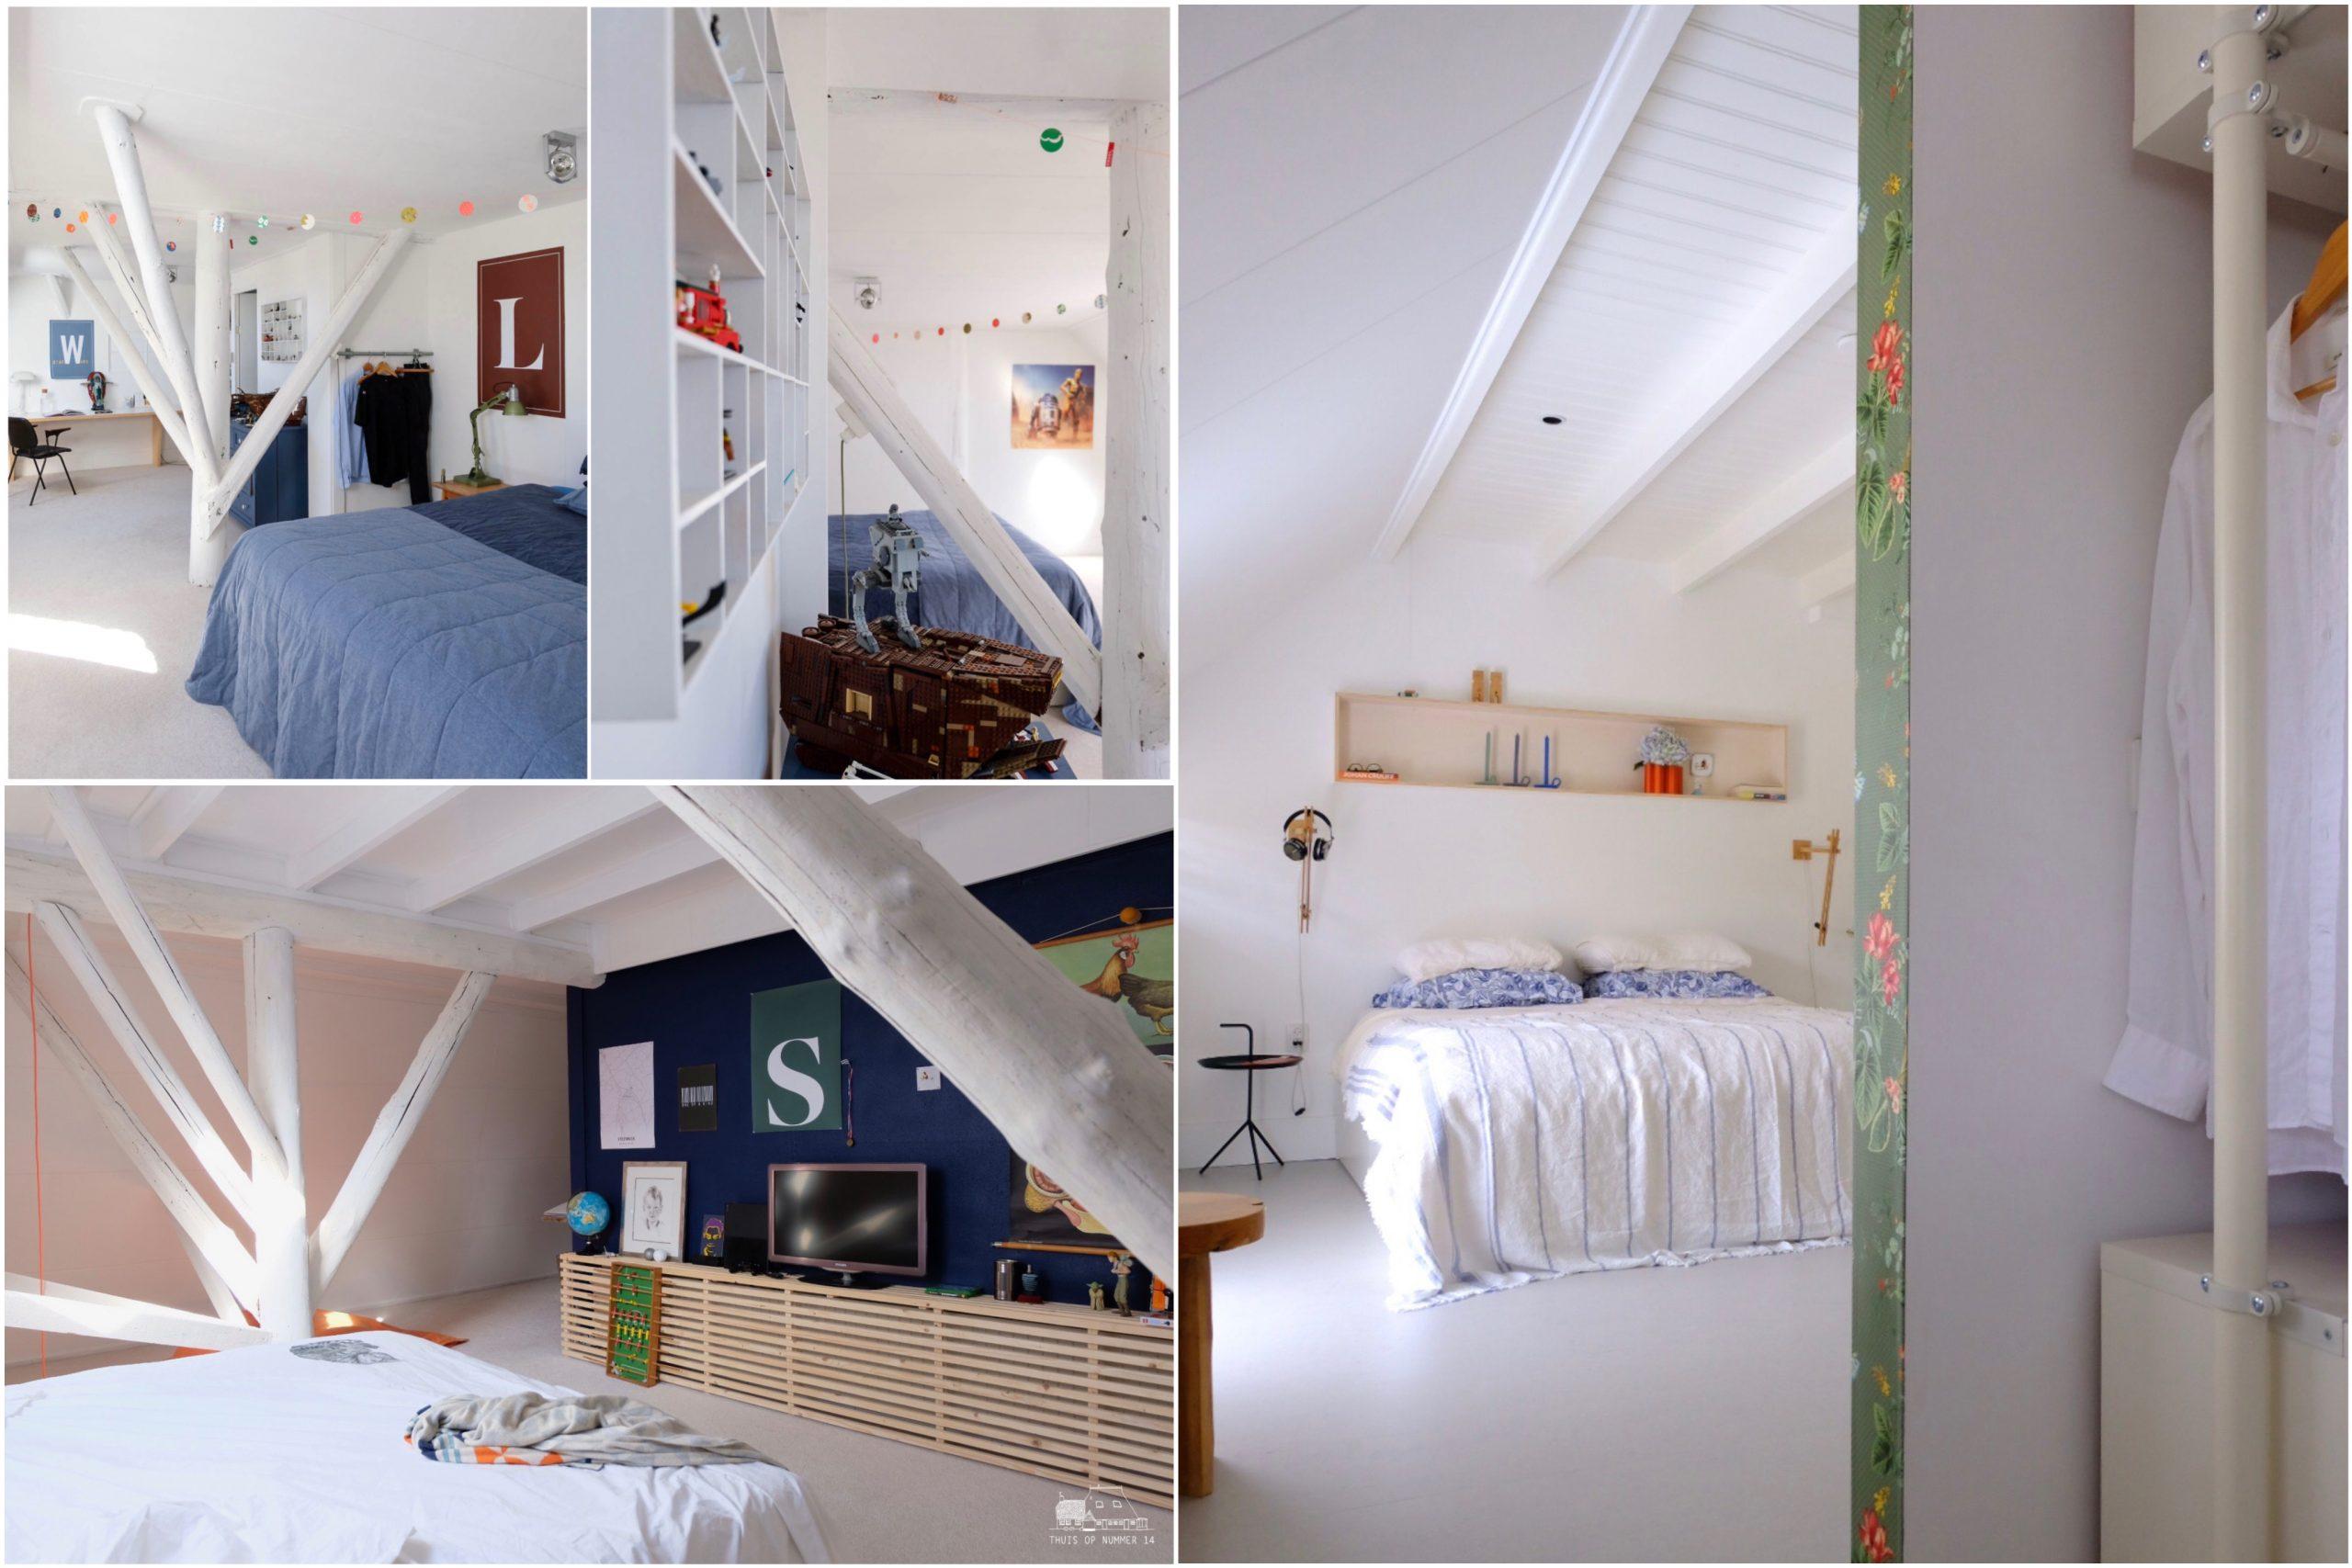 Slaapkamers thuisopnummer14 - Maandelijks terugblik-en weetjesblog #3